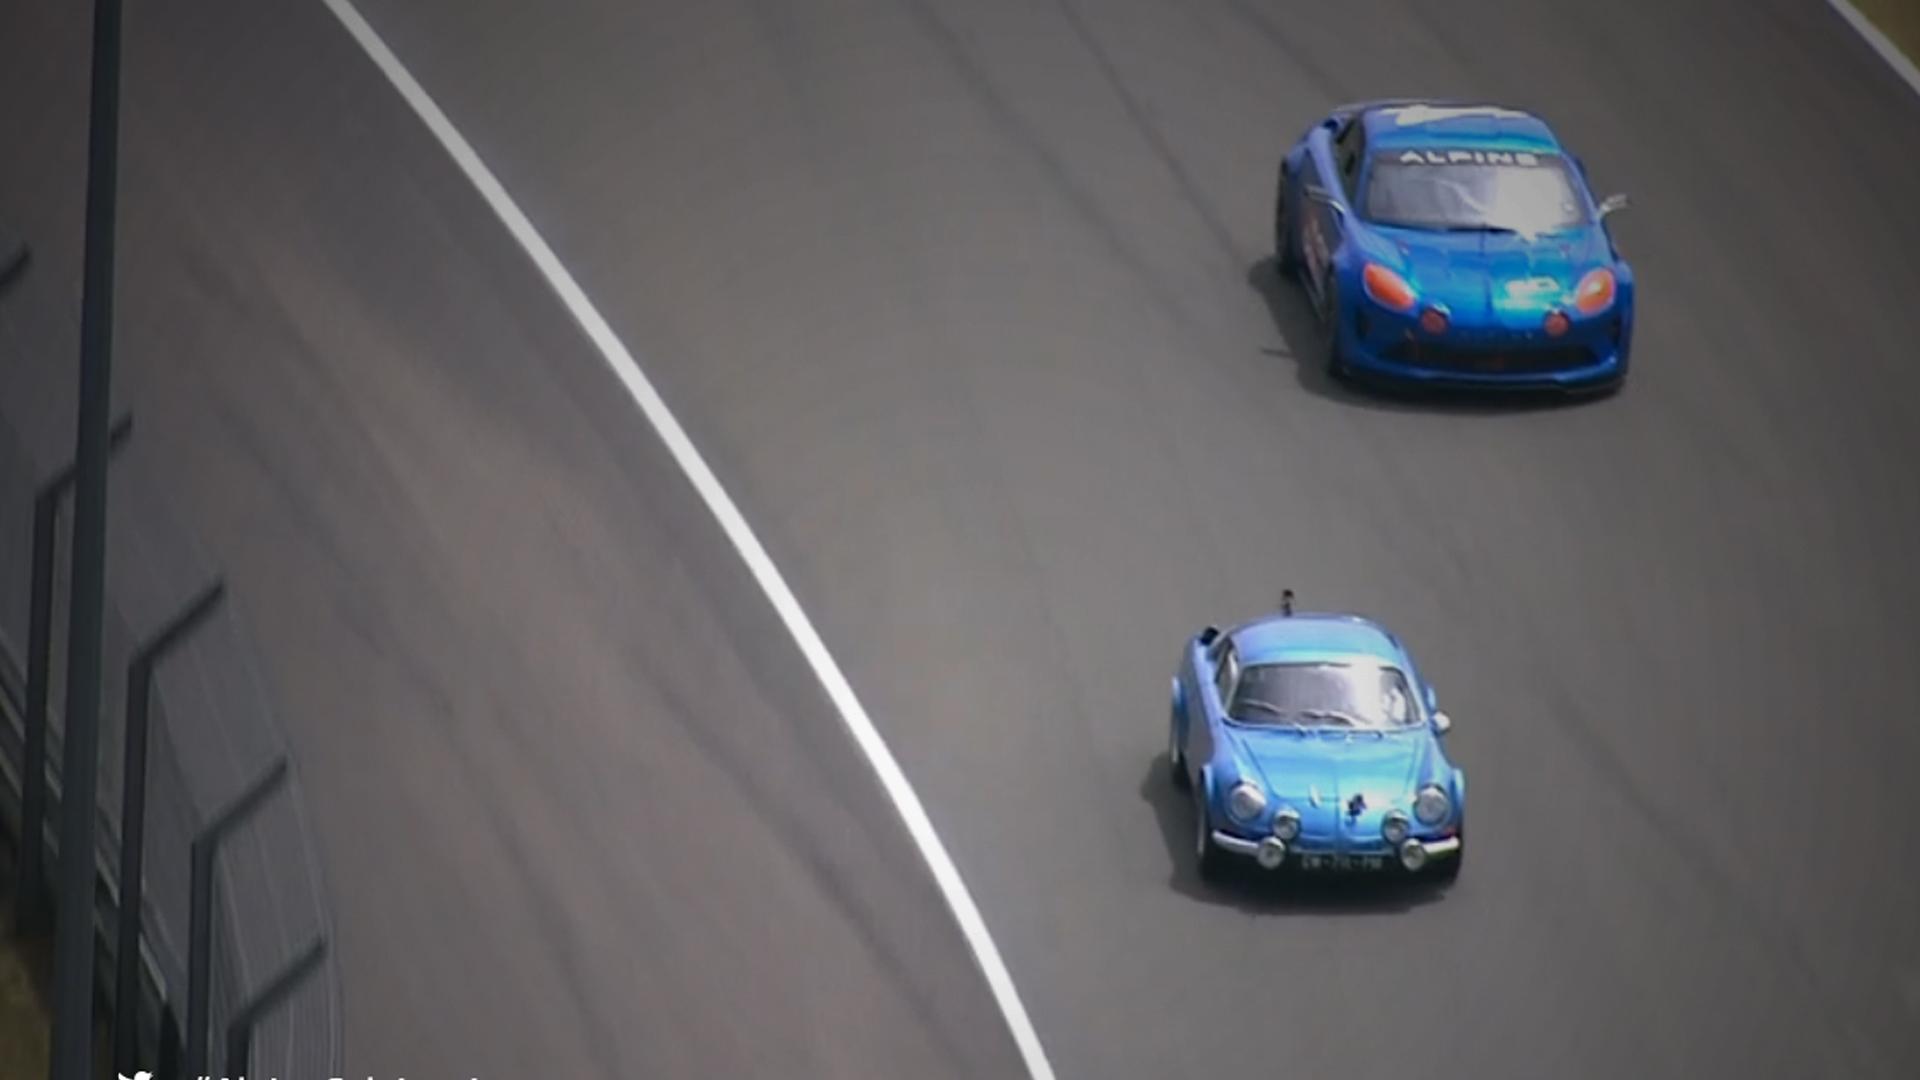 A110 et Alpine Célébration Concept, sur le circuit des 24 Heures du Mans